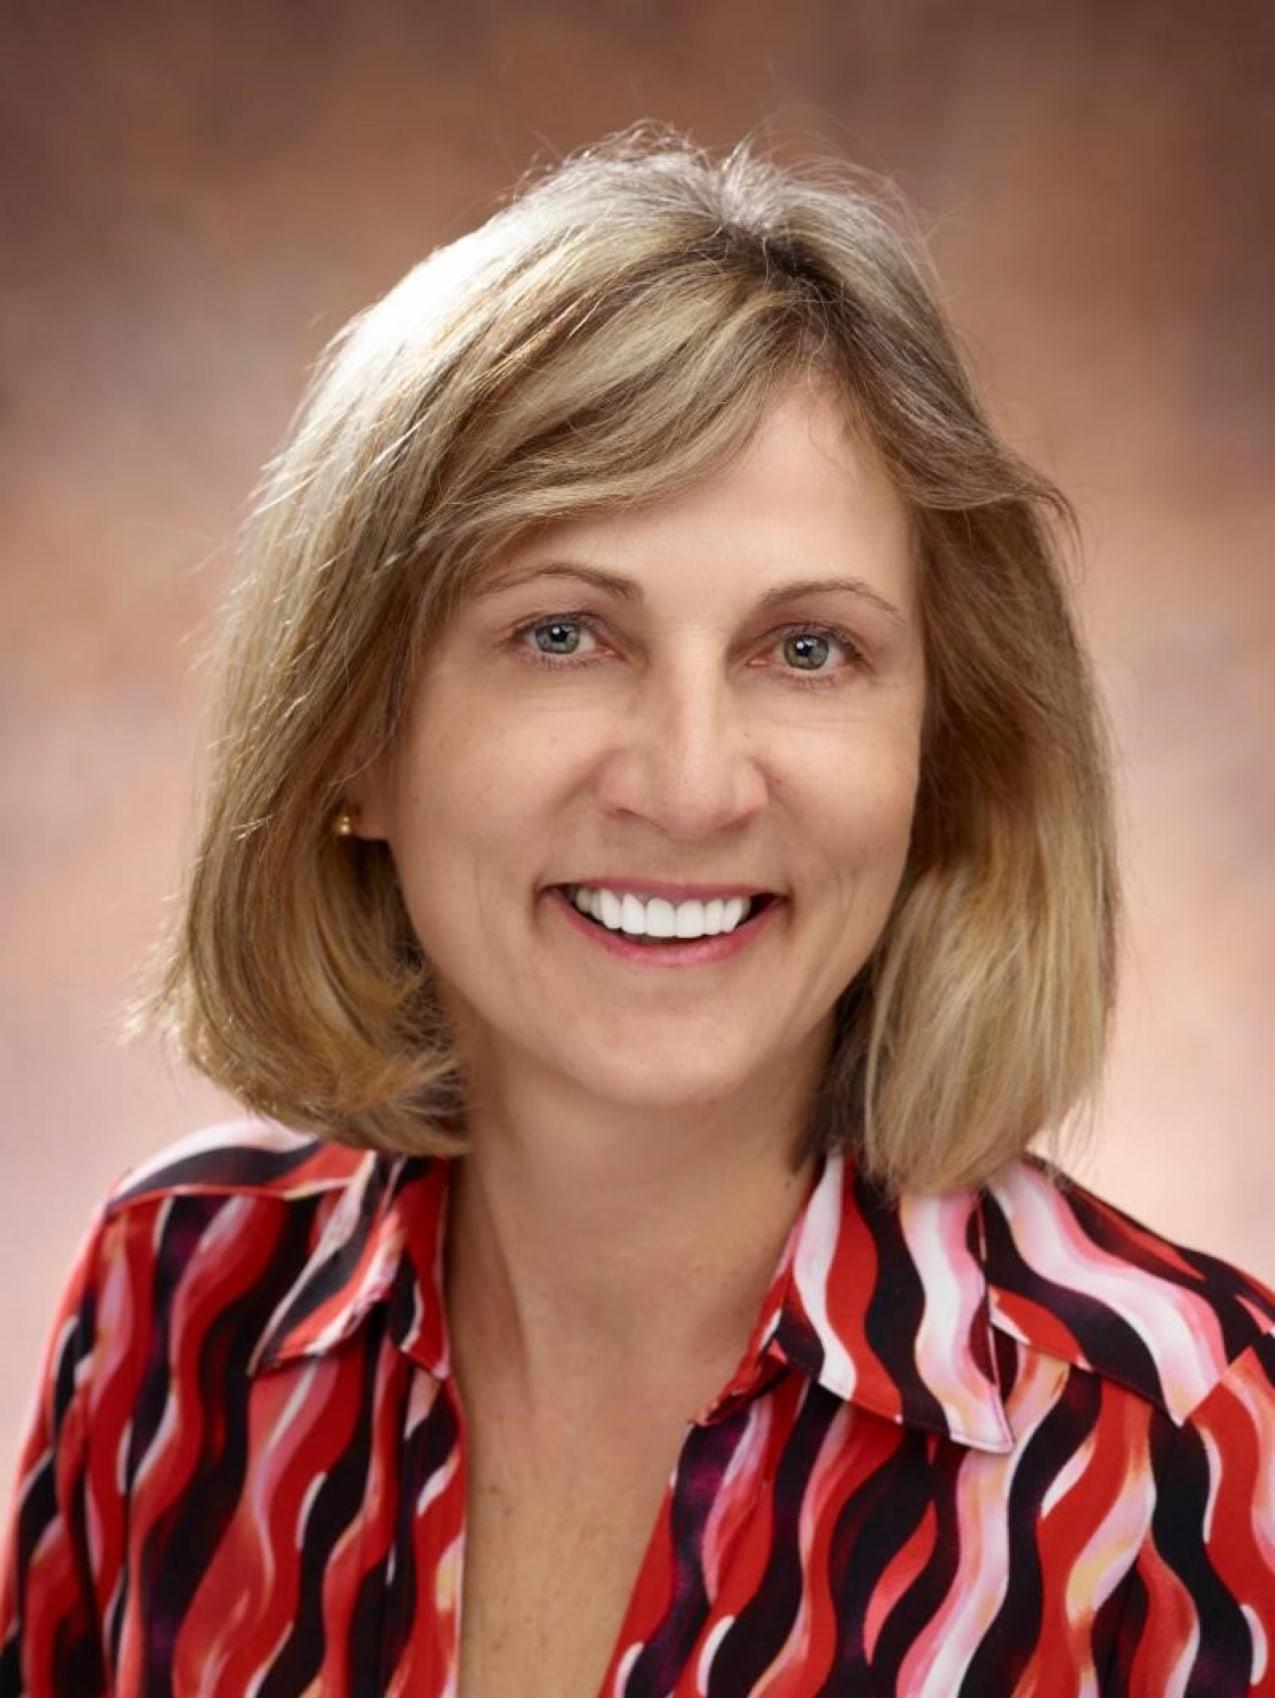 Gisela Boxleitner headshot